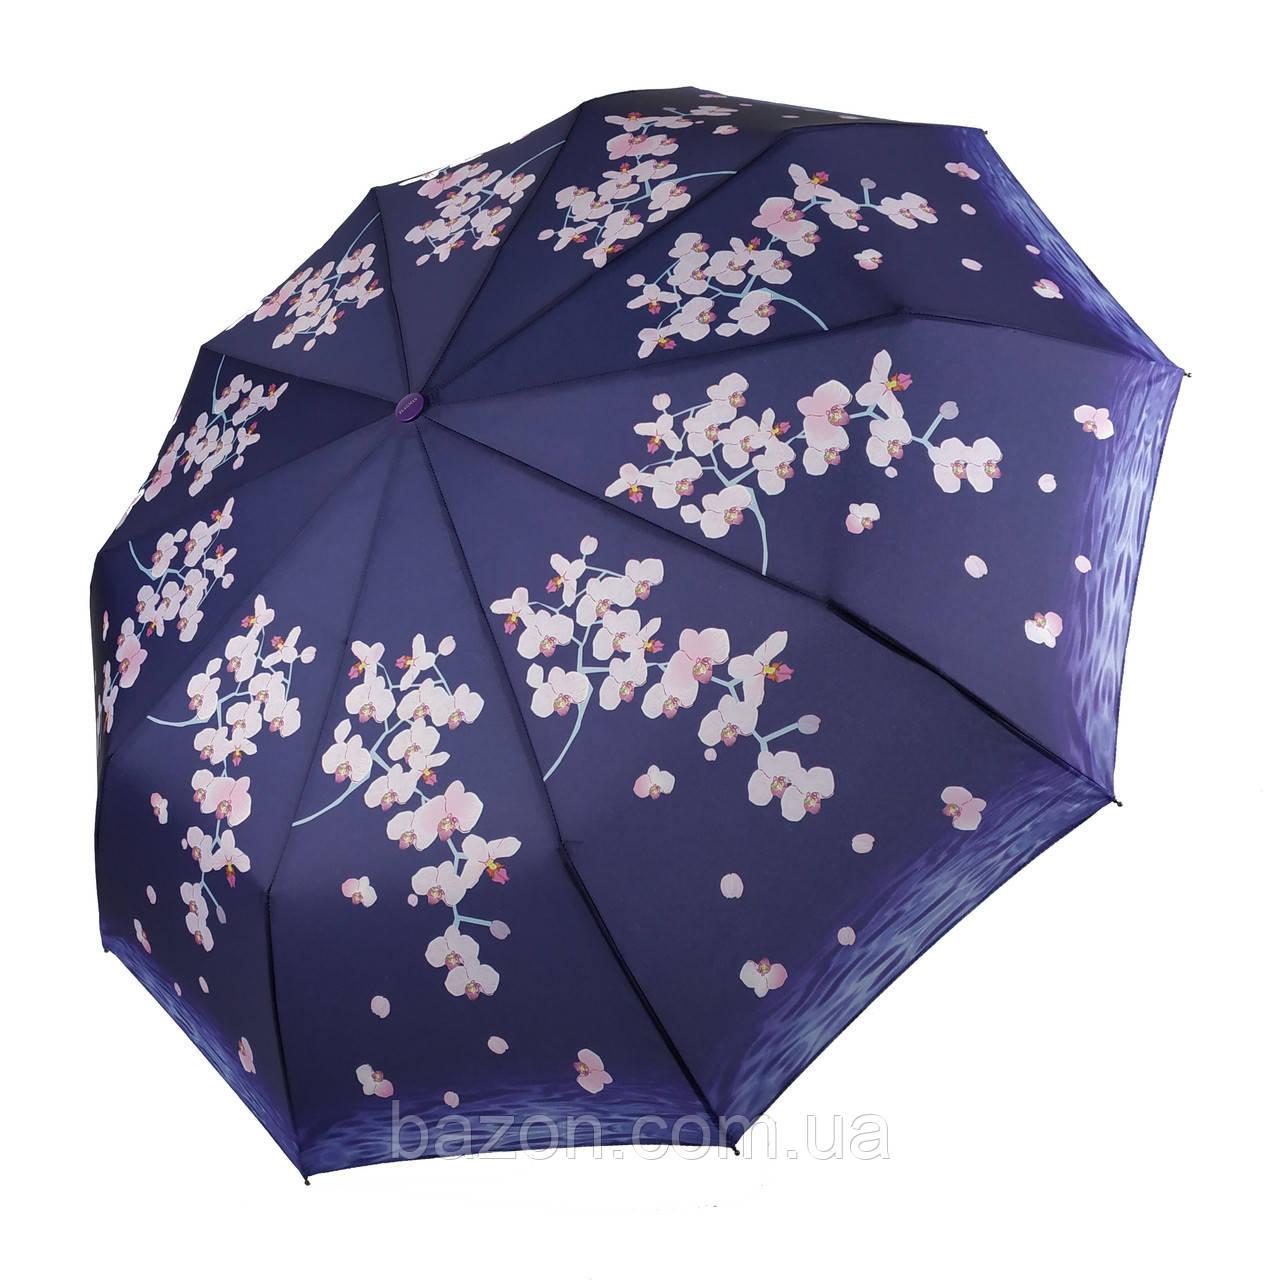 Женский зонтик полуавтомат с орхидеями от Flagman / Флагман, фиолетовый,  733-4